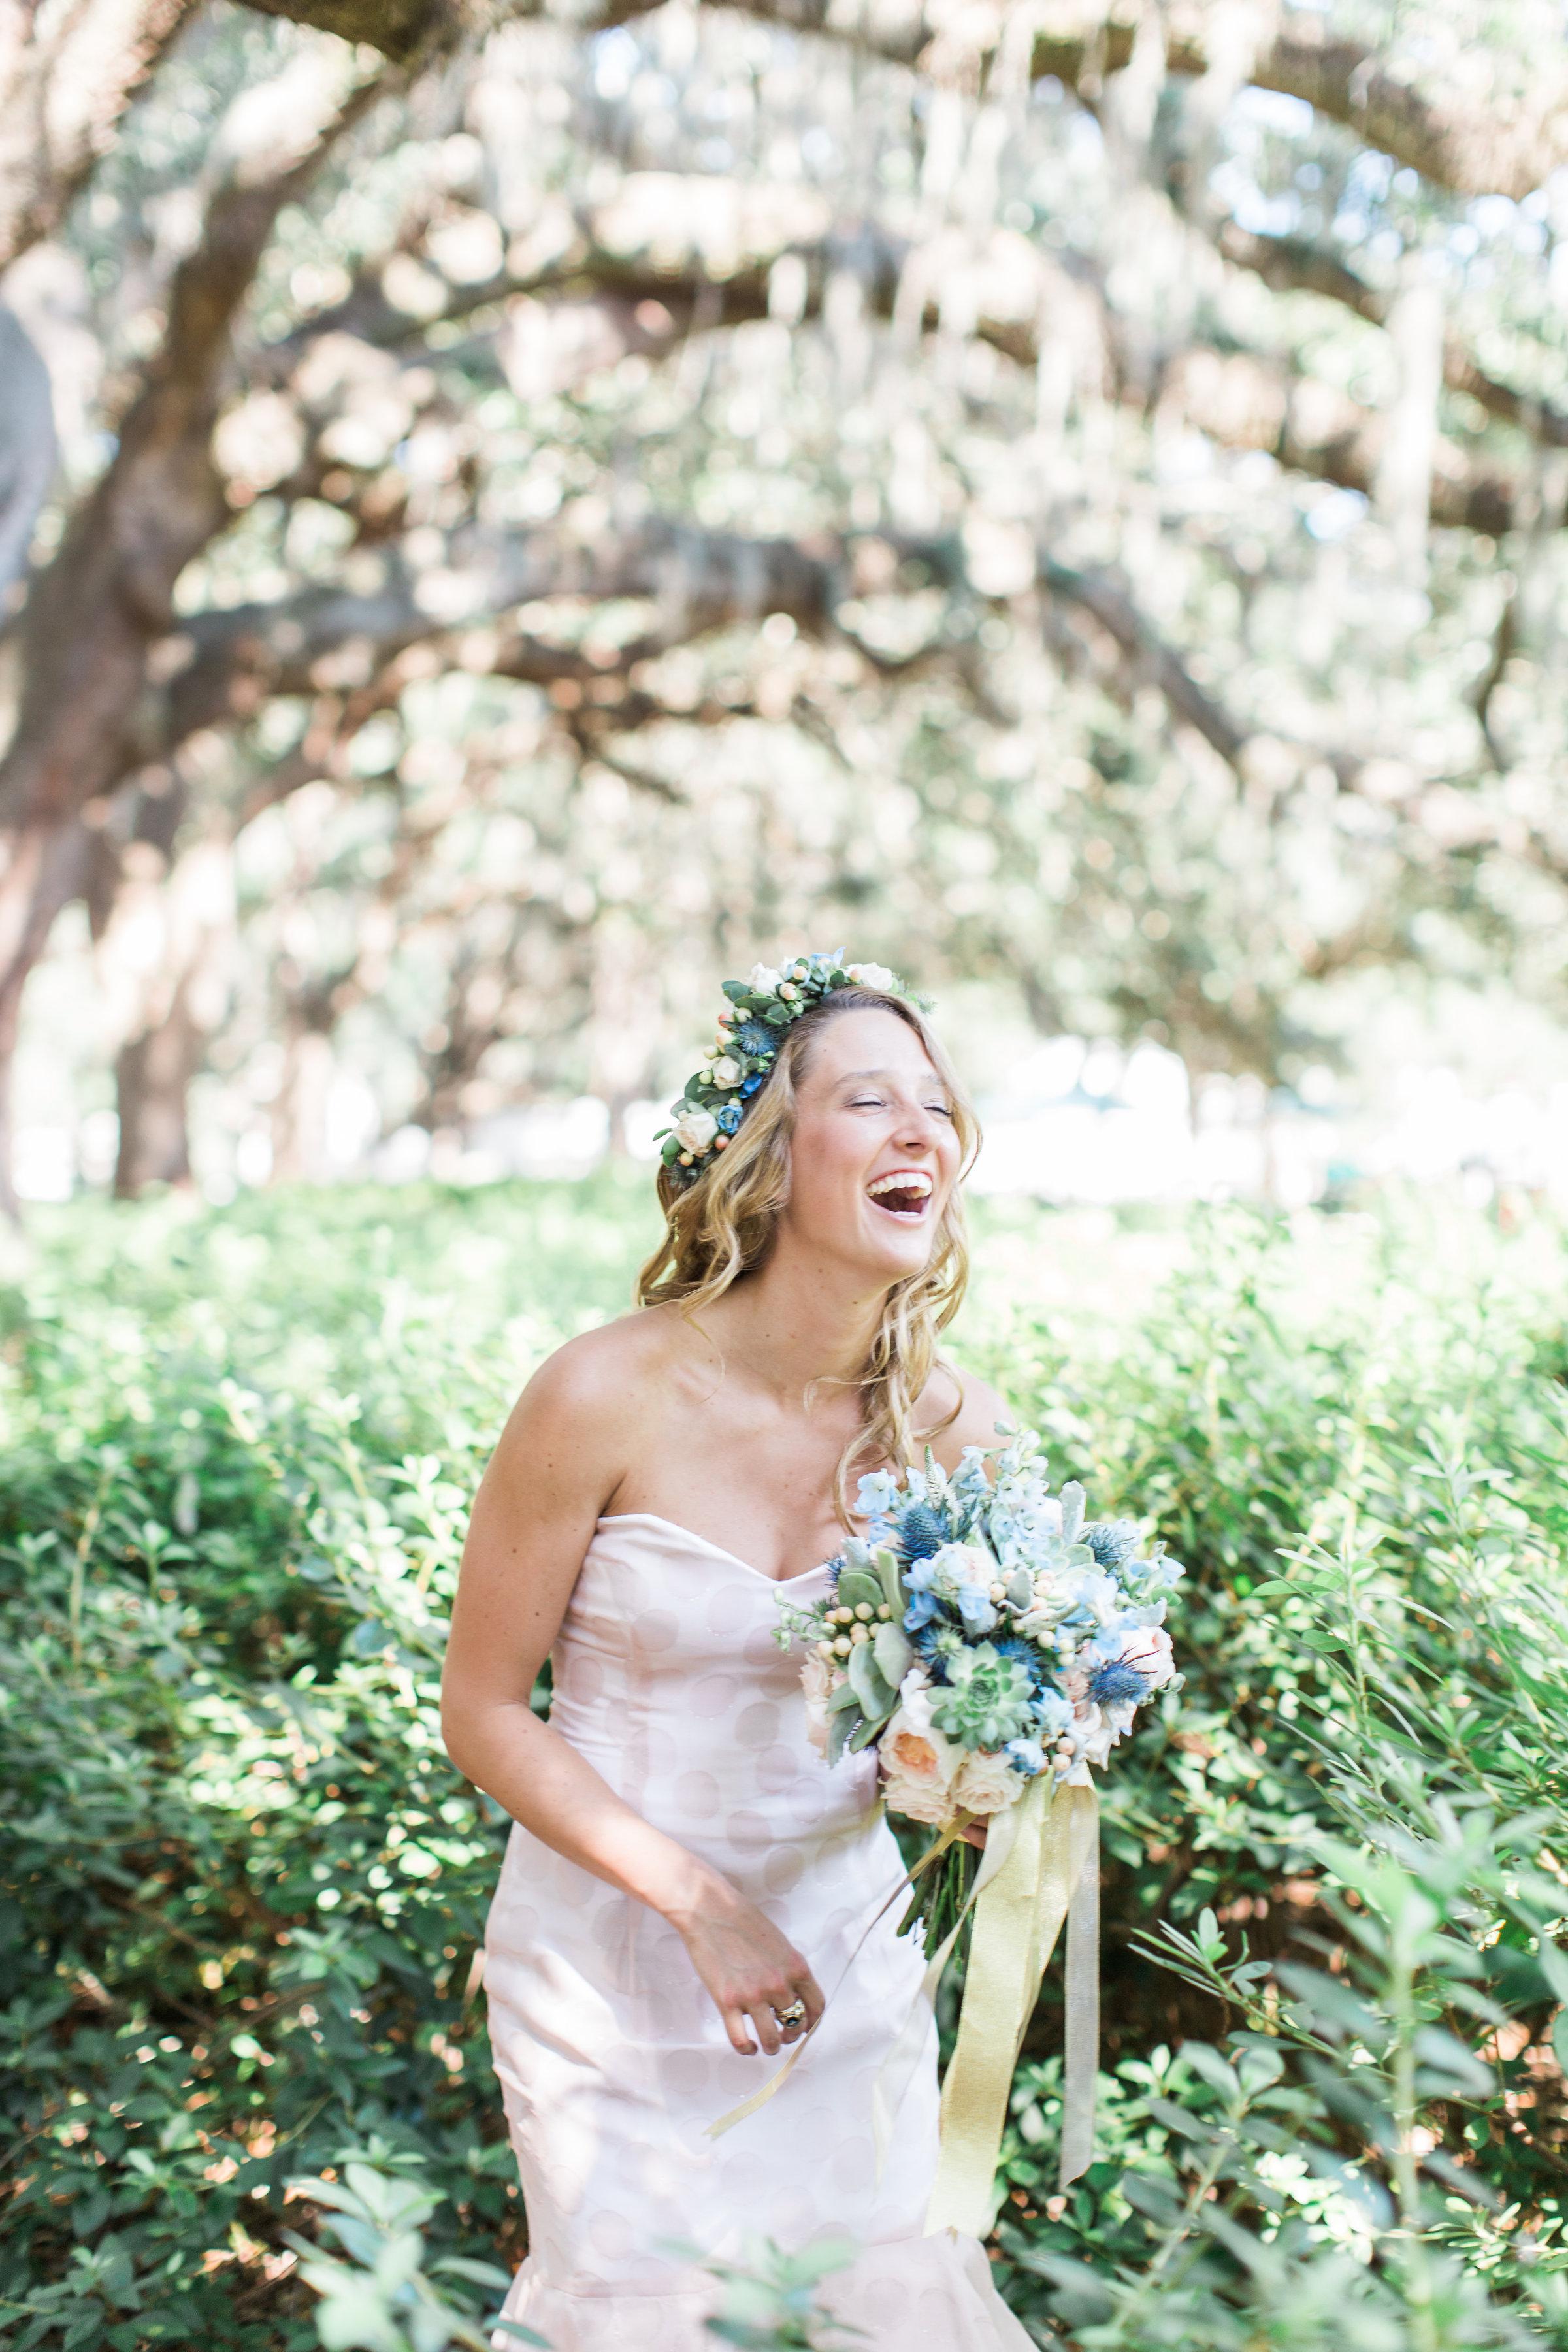 Bride wearing a Jacklynn Bridal gown from Ivory + Beau for wedding in Savannah GA